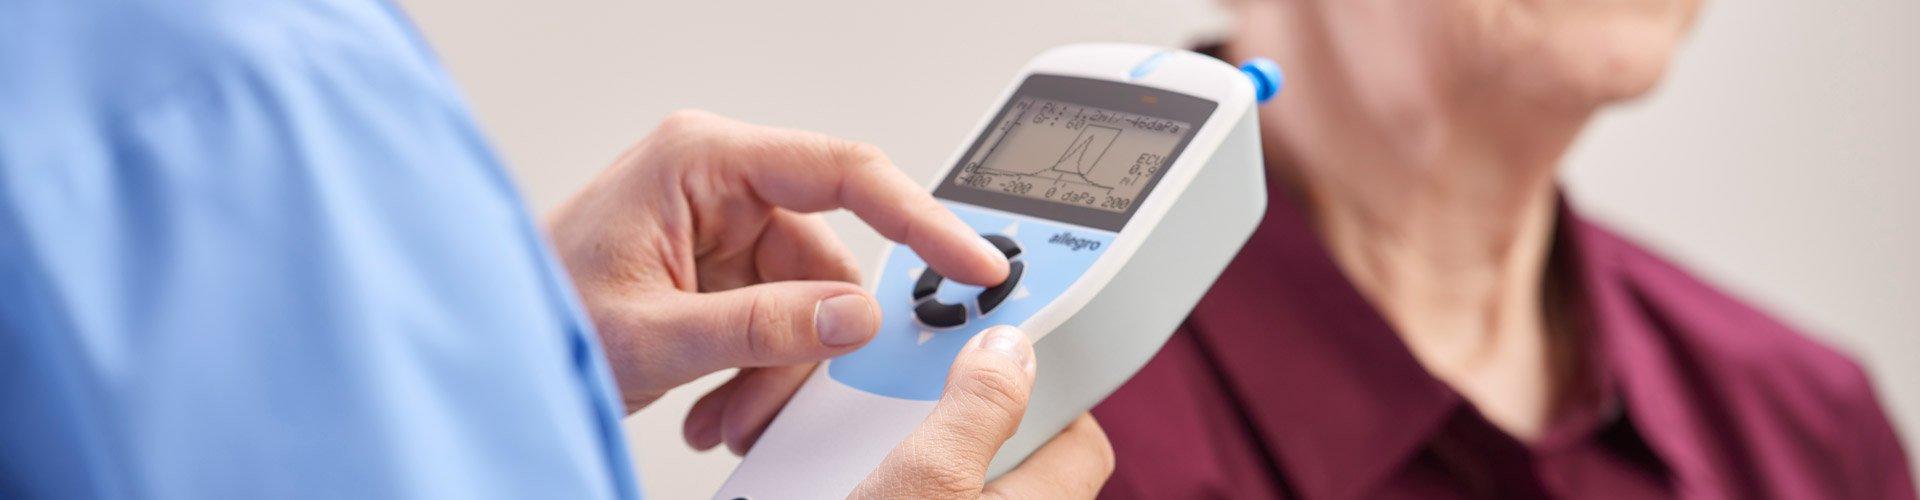 Audiologist Middle Ear Evaluation Patient